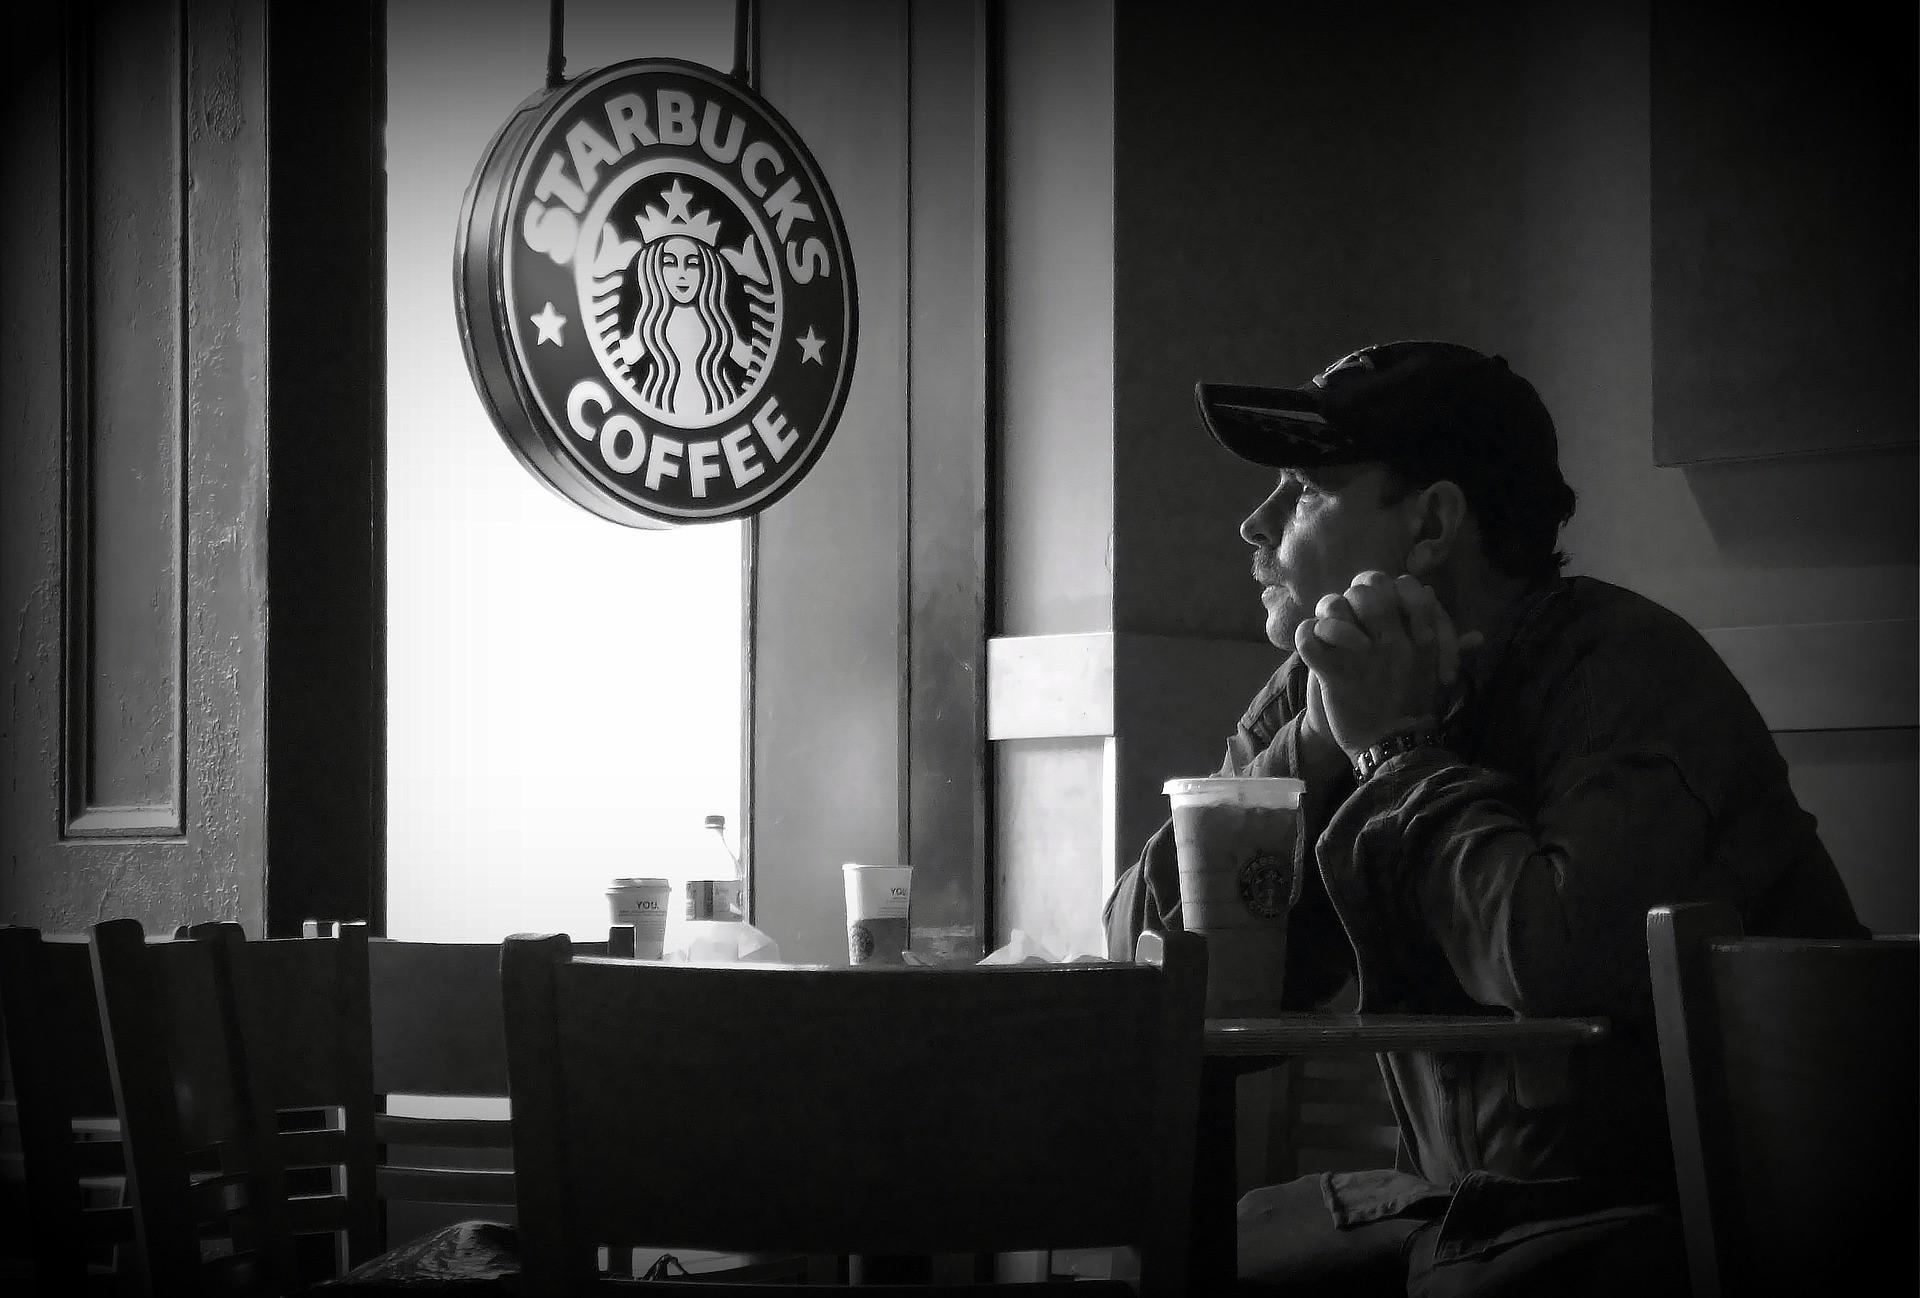 Señor bebiendo un café en cafetería StarBucks